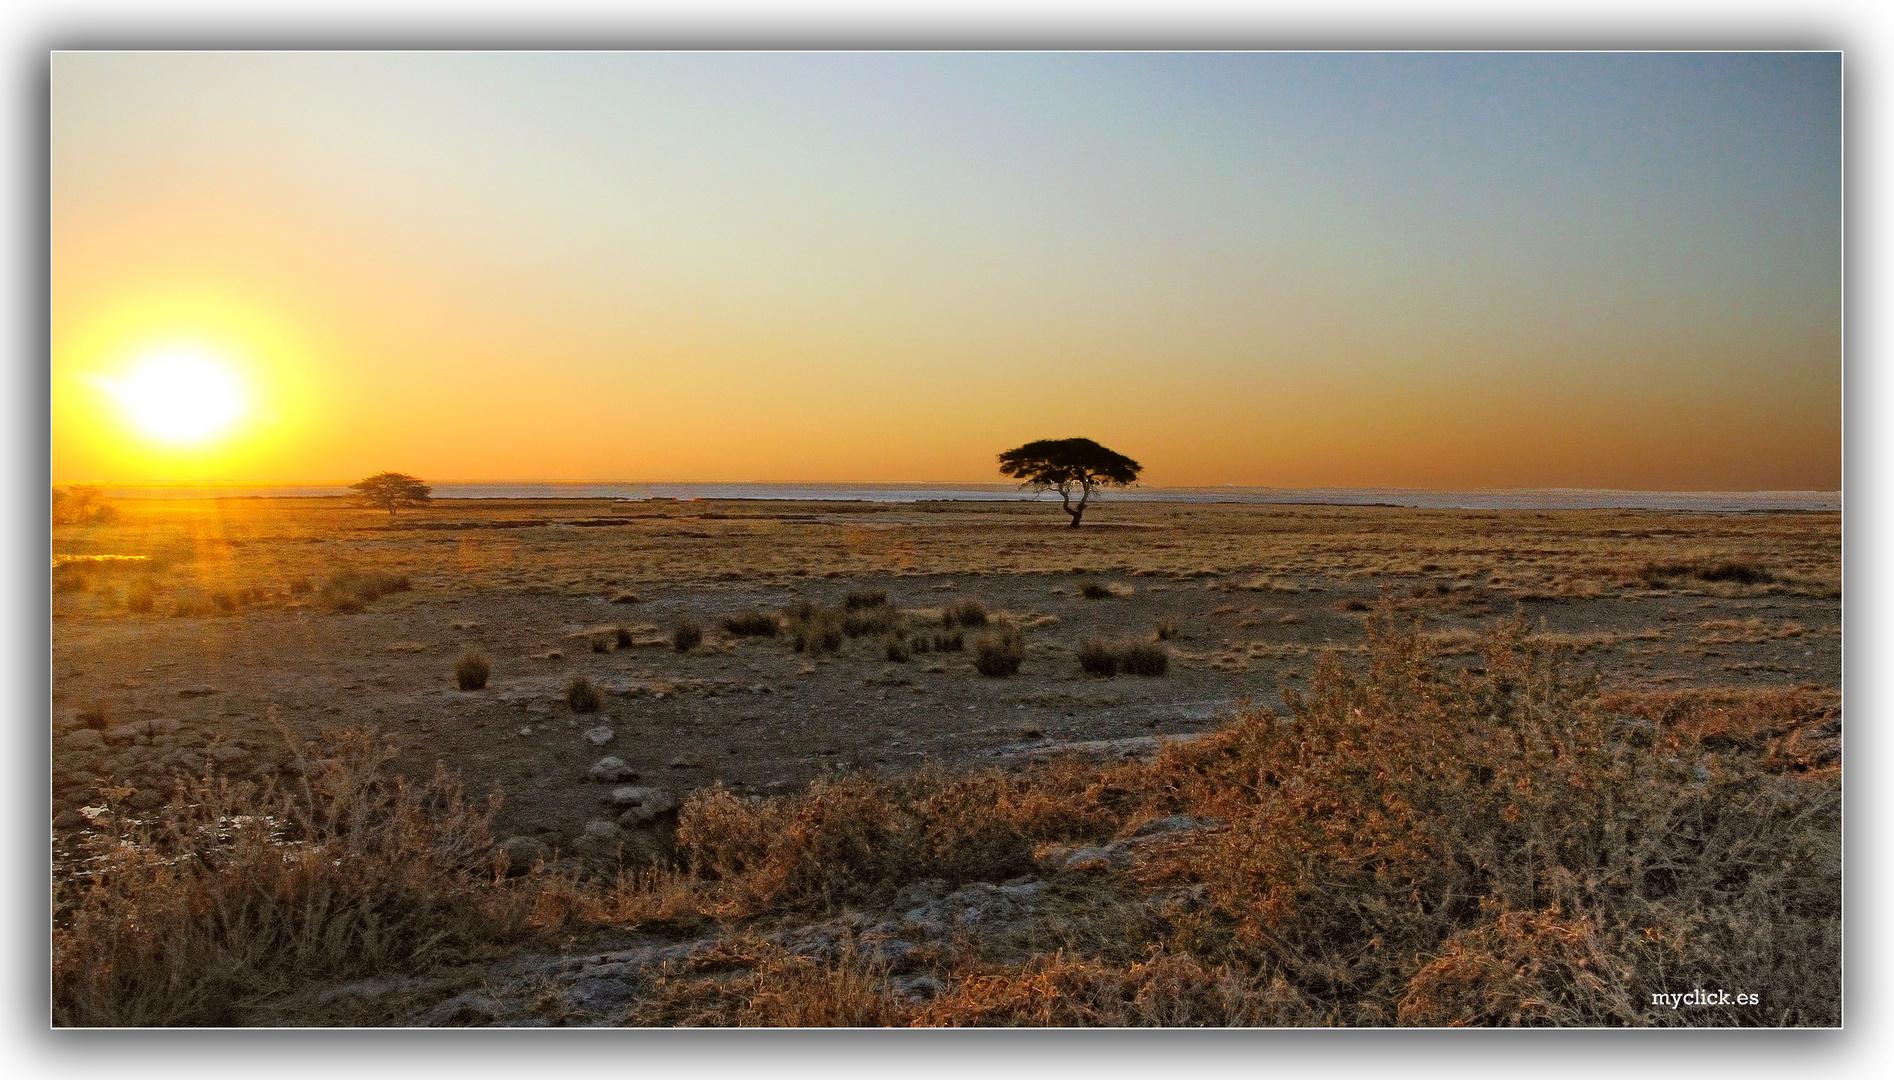 MEMORIAS DE AFRICA-ATARDECER EN ETHOSA-NAMIBIA